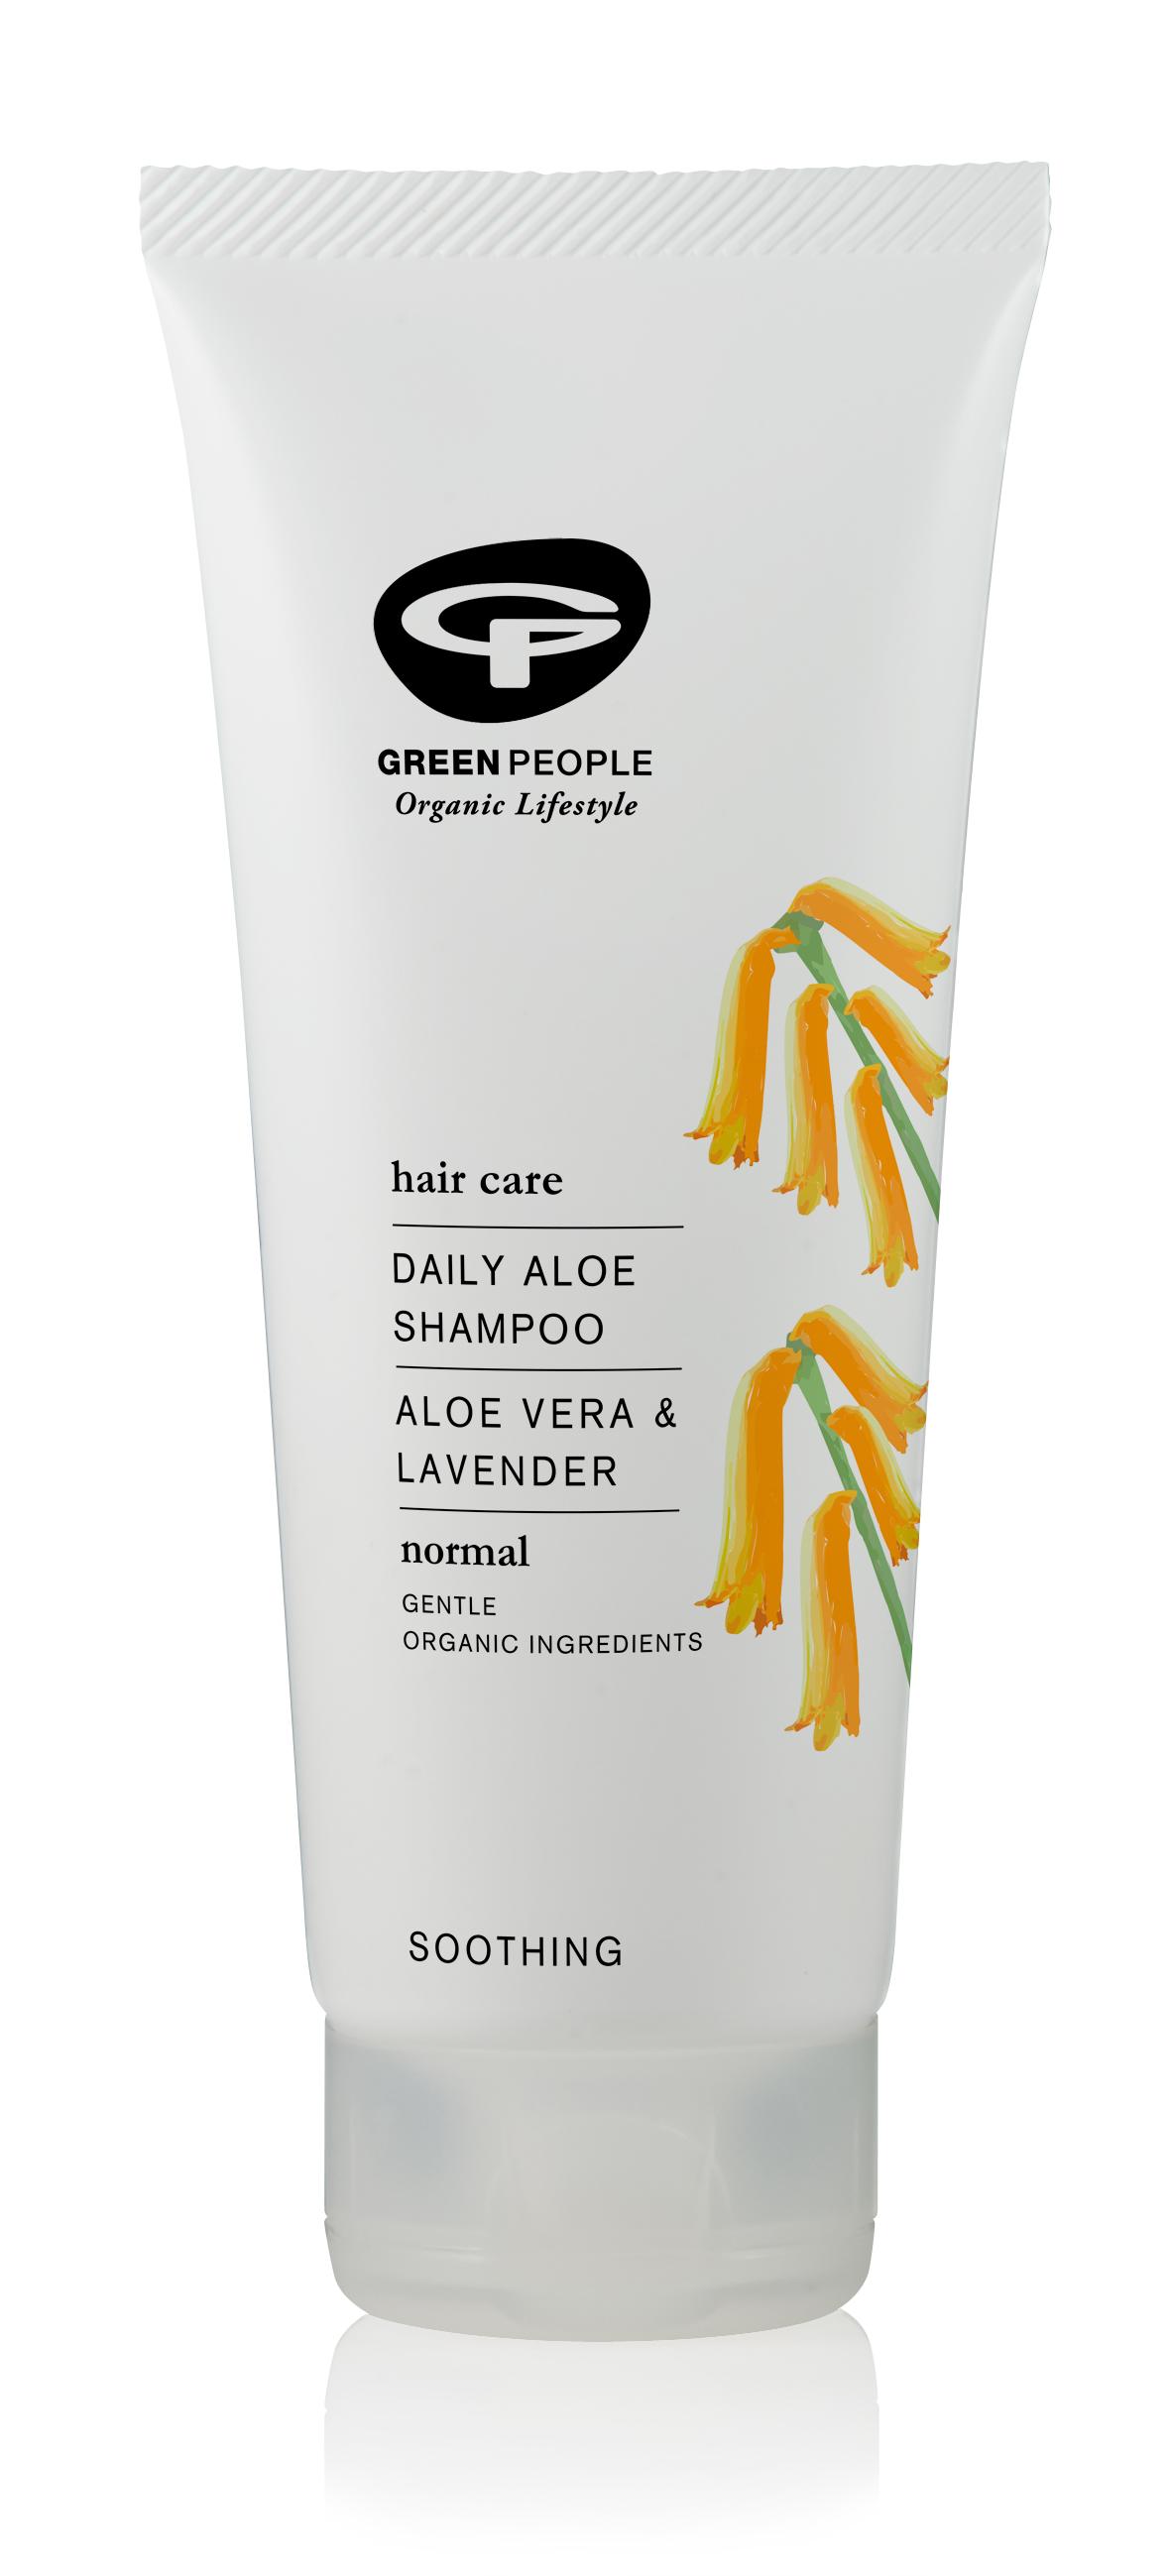 Daily Aloe Shampoo 200ml